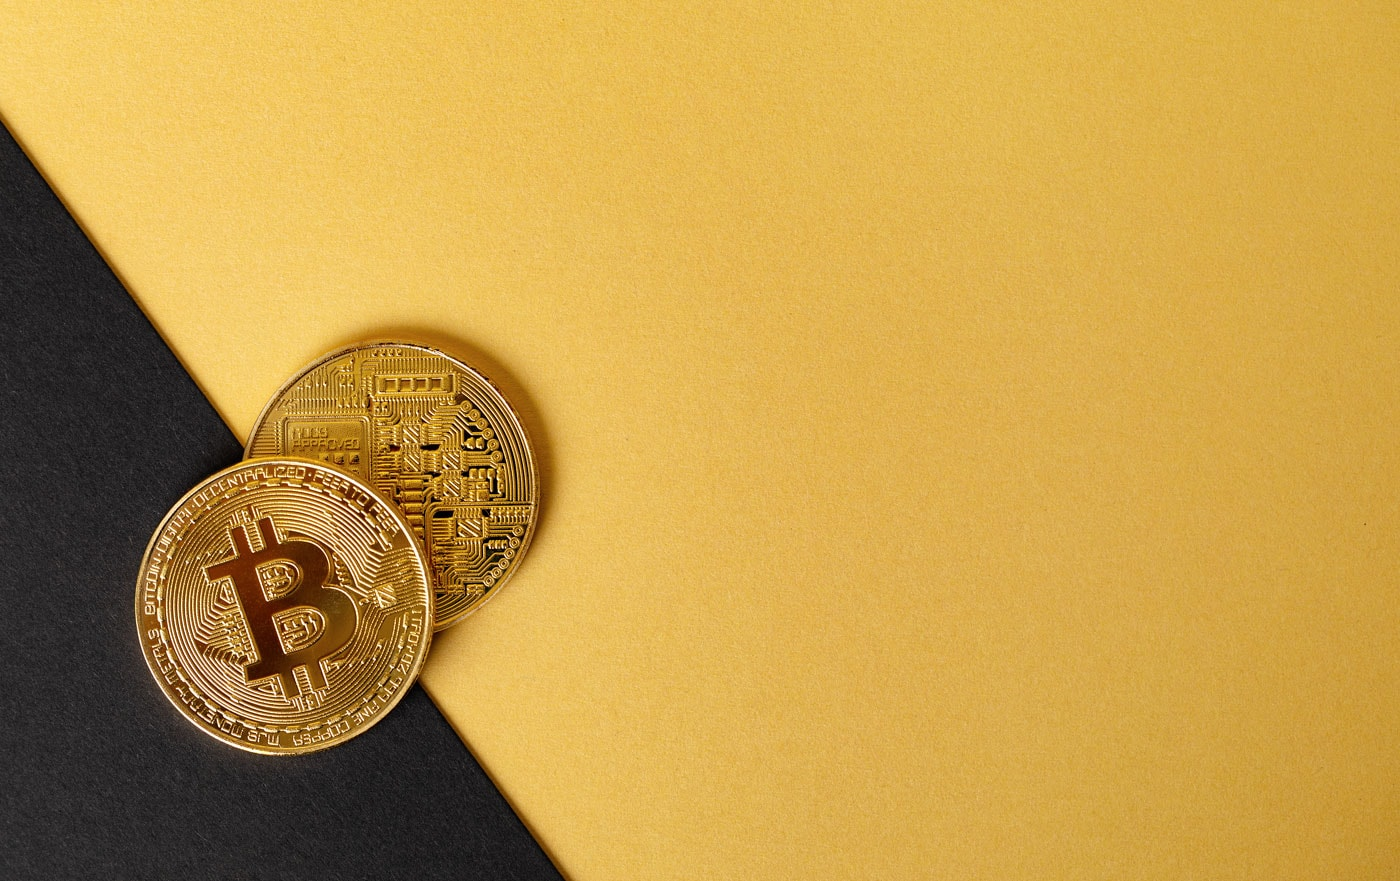 Wie kann man in Kryptowährungen investieren?